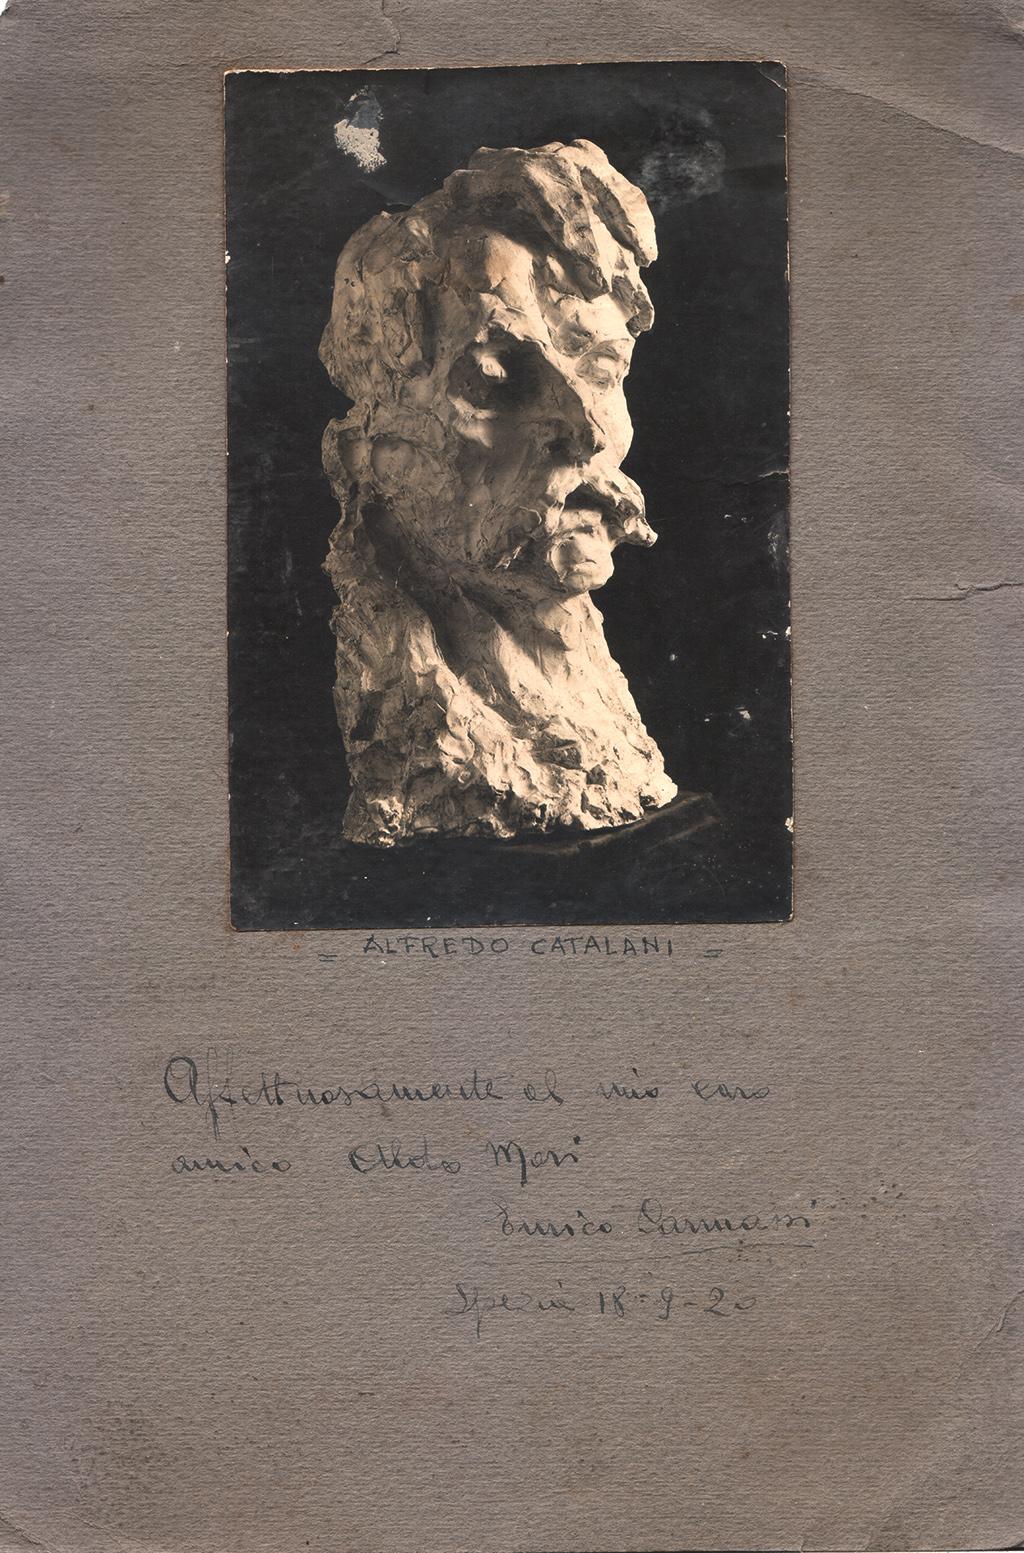 96 Enrico Carmassi opere perse